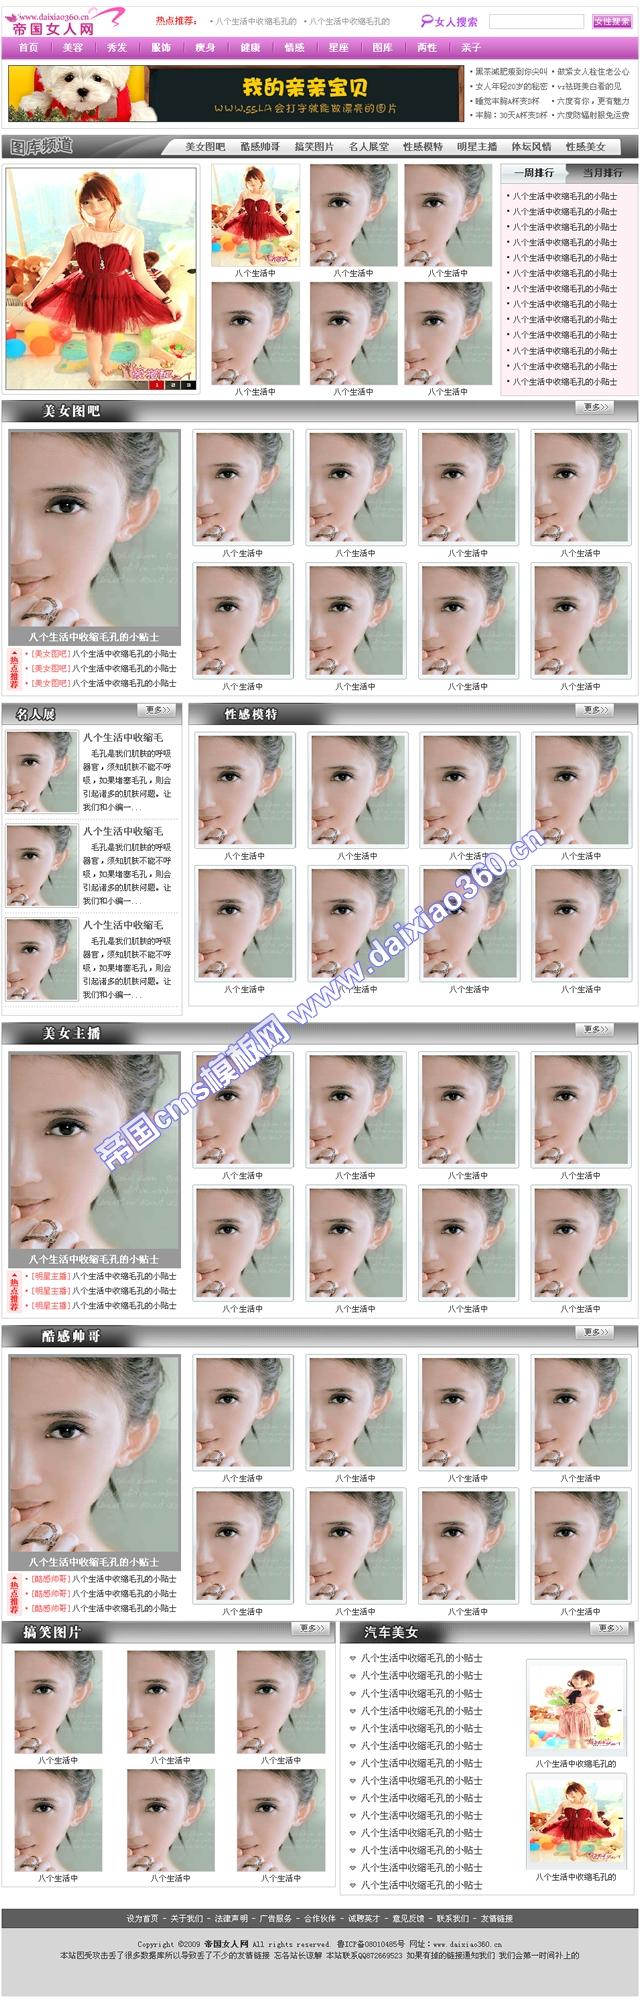 帝国女性门户网站模板_图库